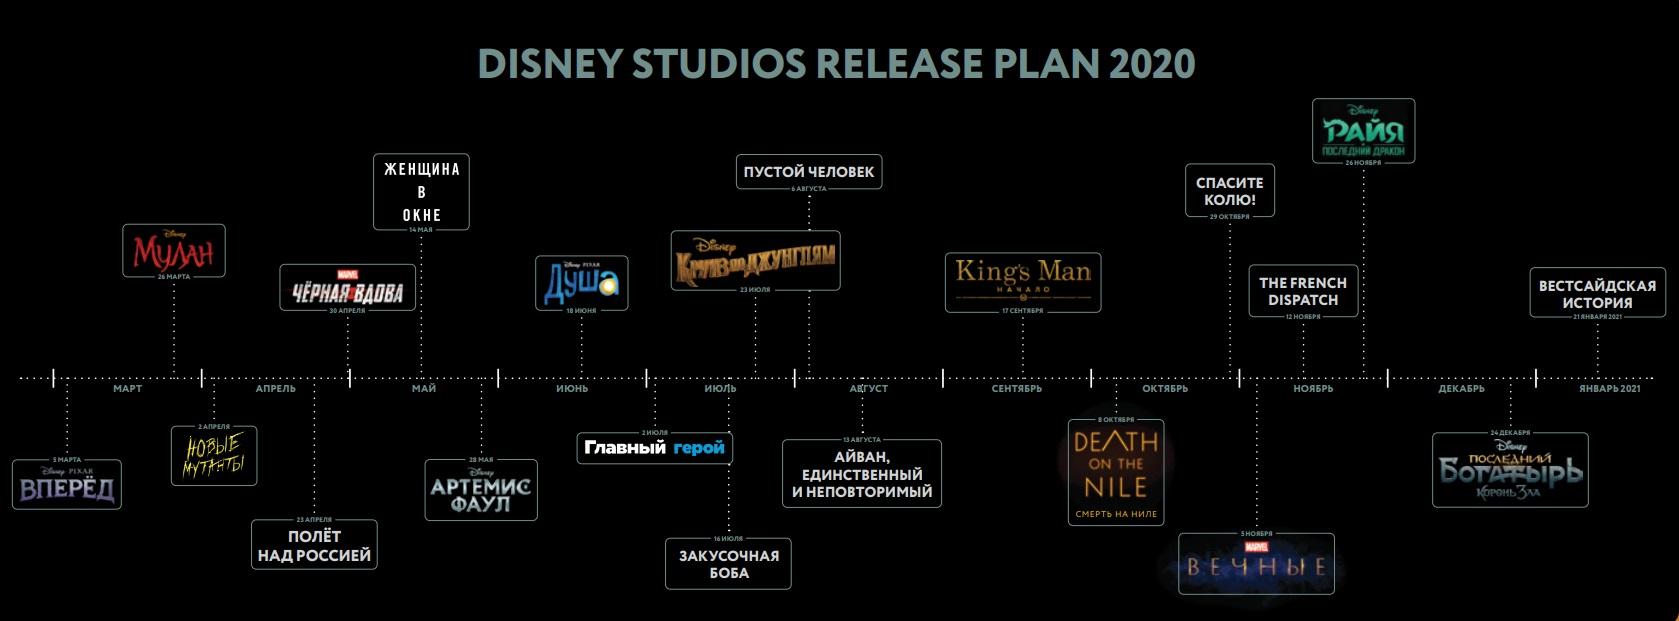 Даты выхода фильмов Marvel, Disney и Fox до марта 2021 года